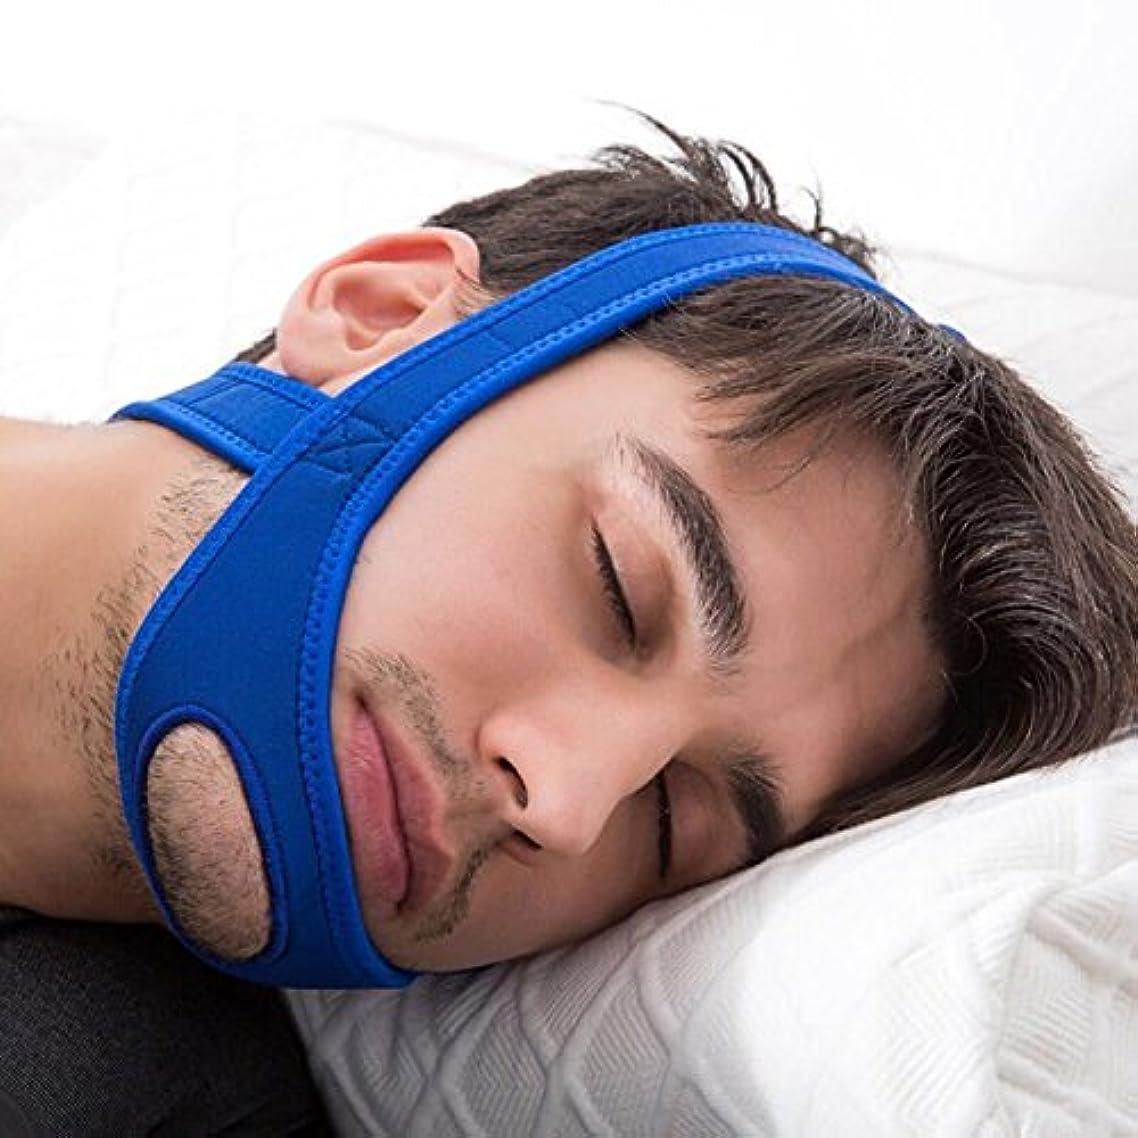 赤外線とアーサーNOTE 新しいネオプレンいびき止め抗調節可能ないびきあごストラップスリーブジョーソリューションベルト睡眠ストレスを軽減(ブルー、ブラック)